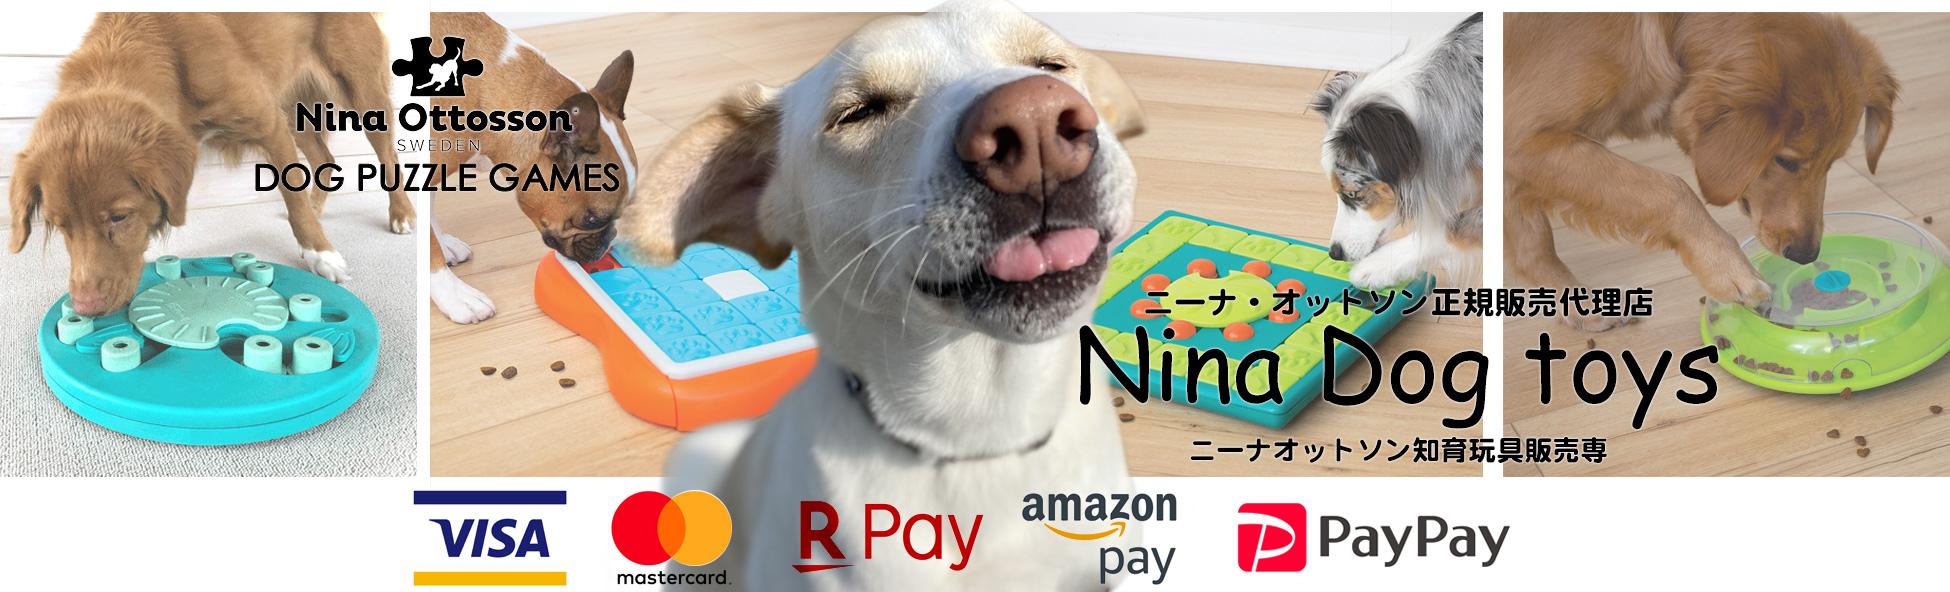 スウェーデン発、ペット用知育玩具のNINA OTTOSSON(ニーナ・オットソン)の販売專ニーナドッグトイズ、メイン画像